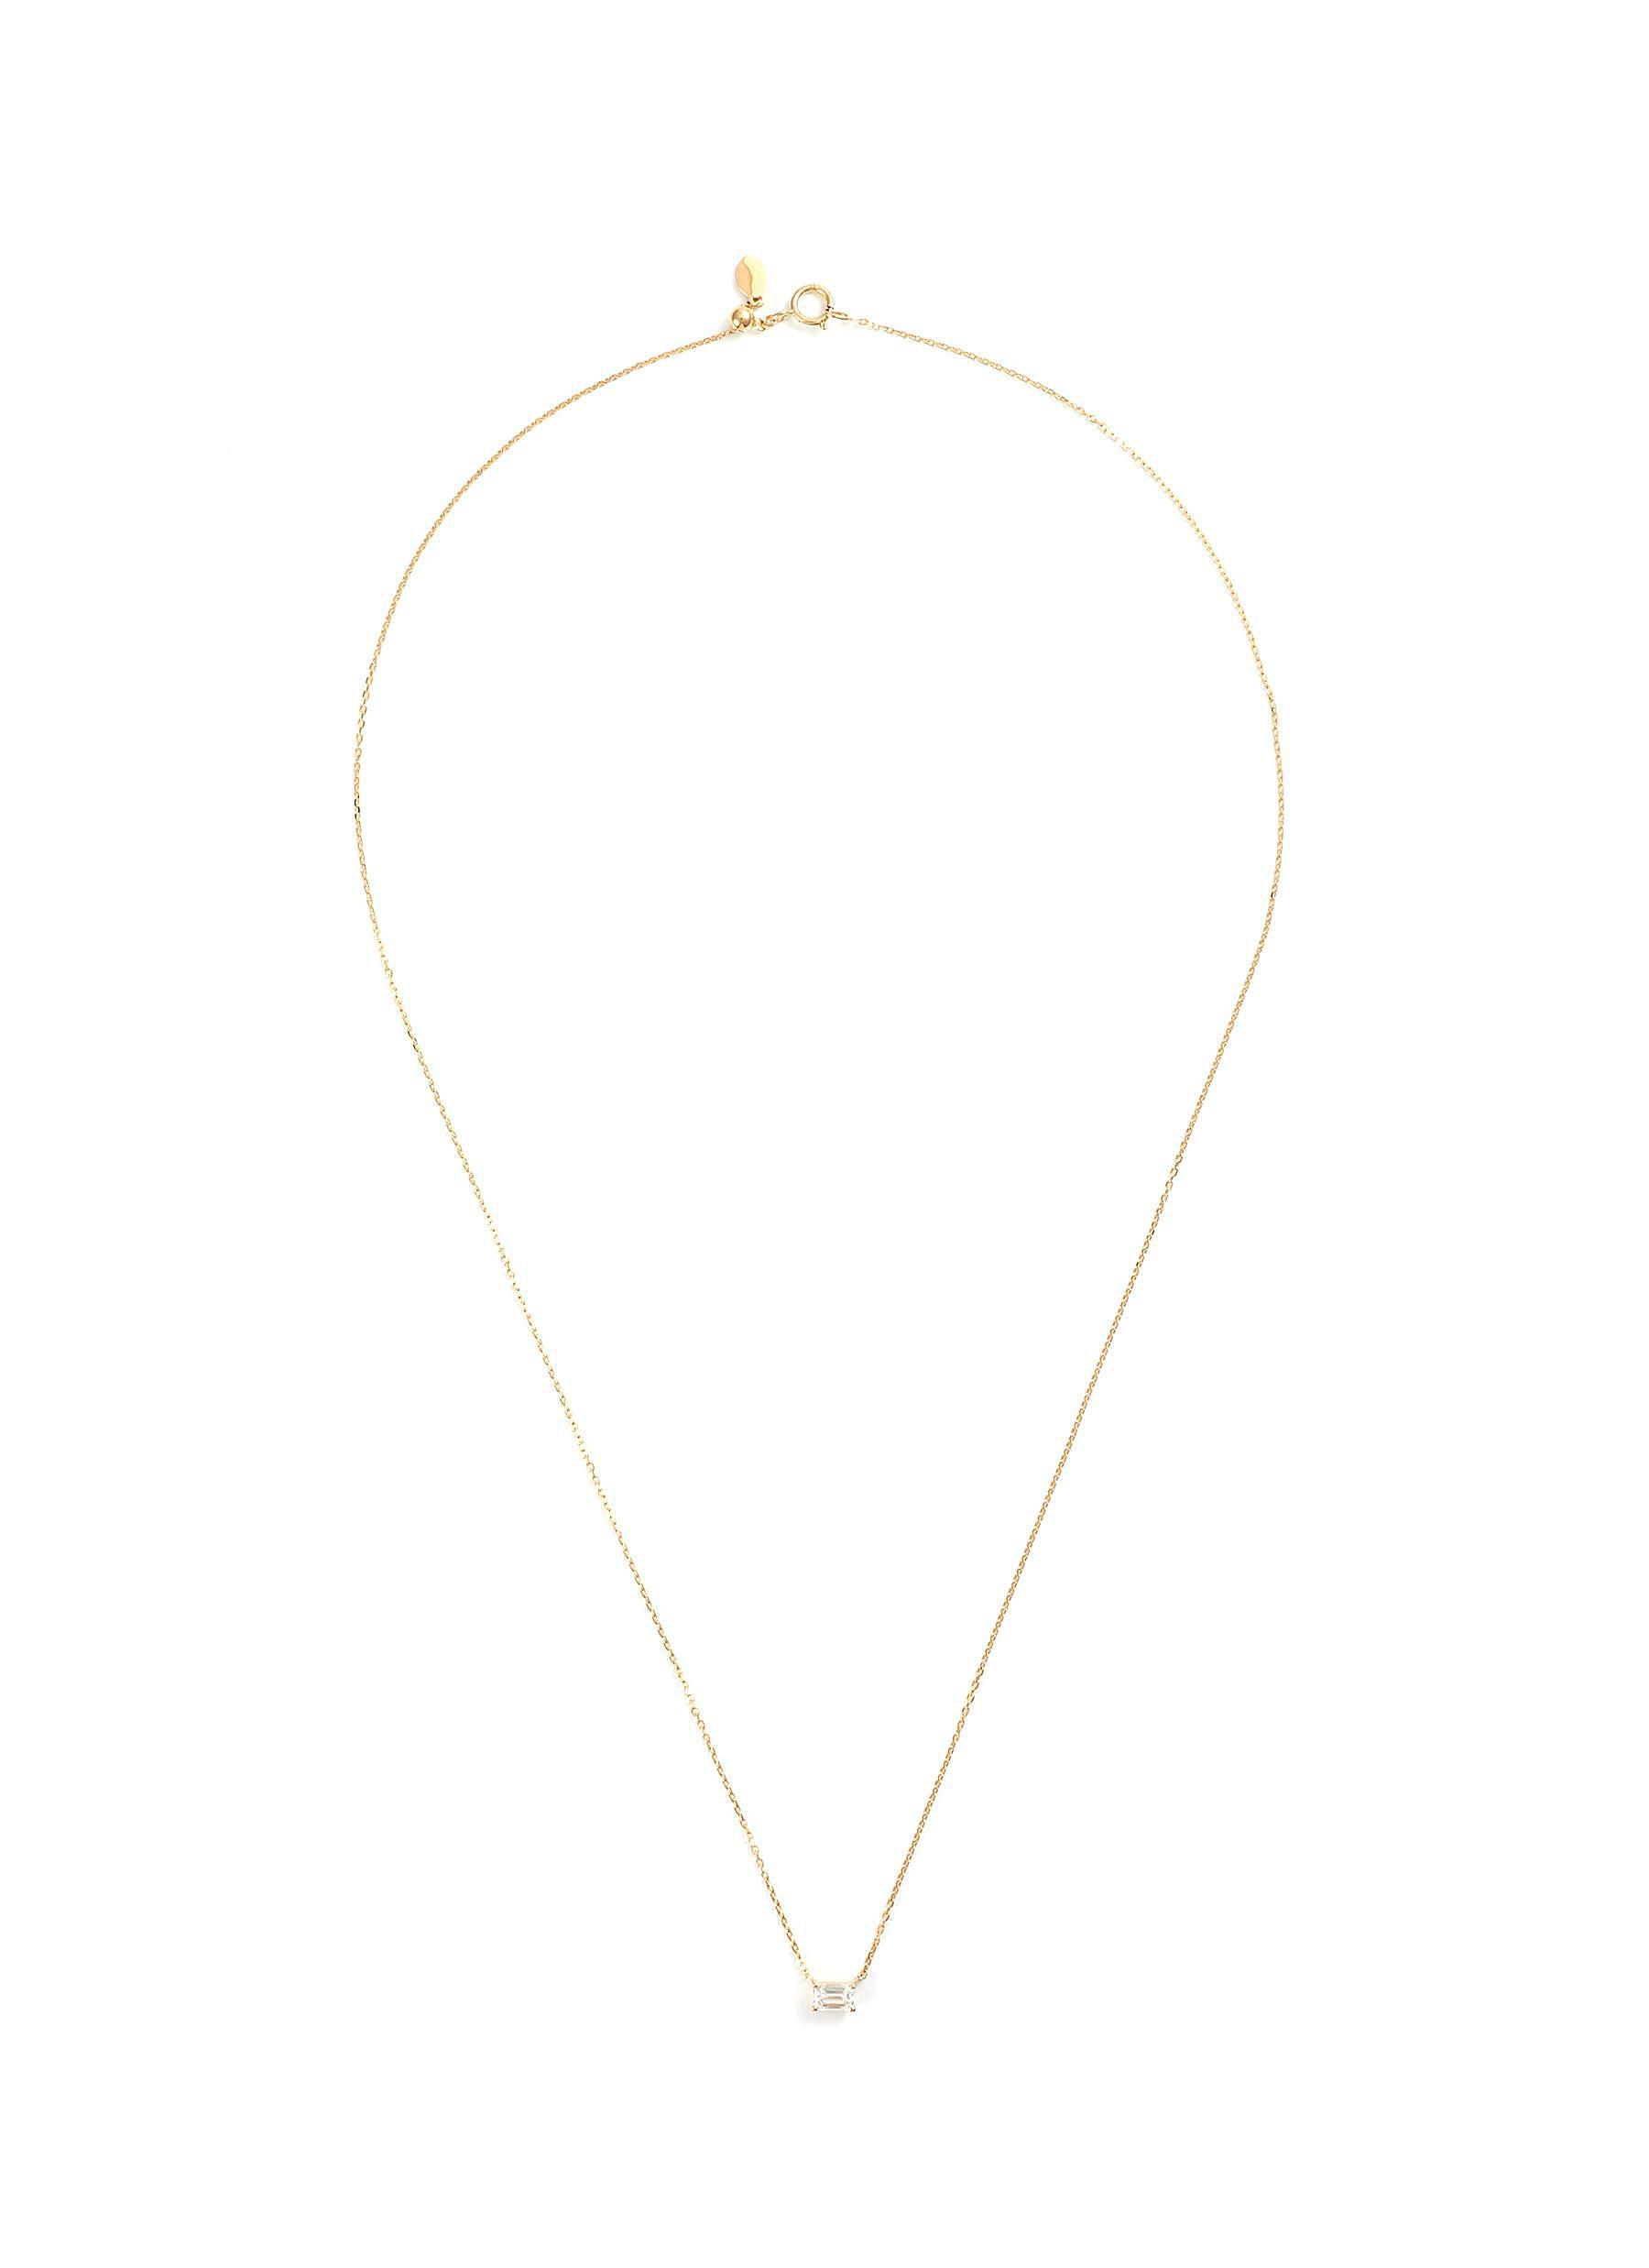 'Monet' lab grown diamond 18k gold pendant necklace